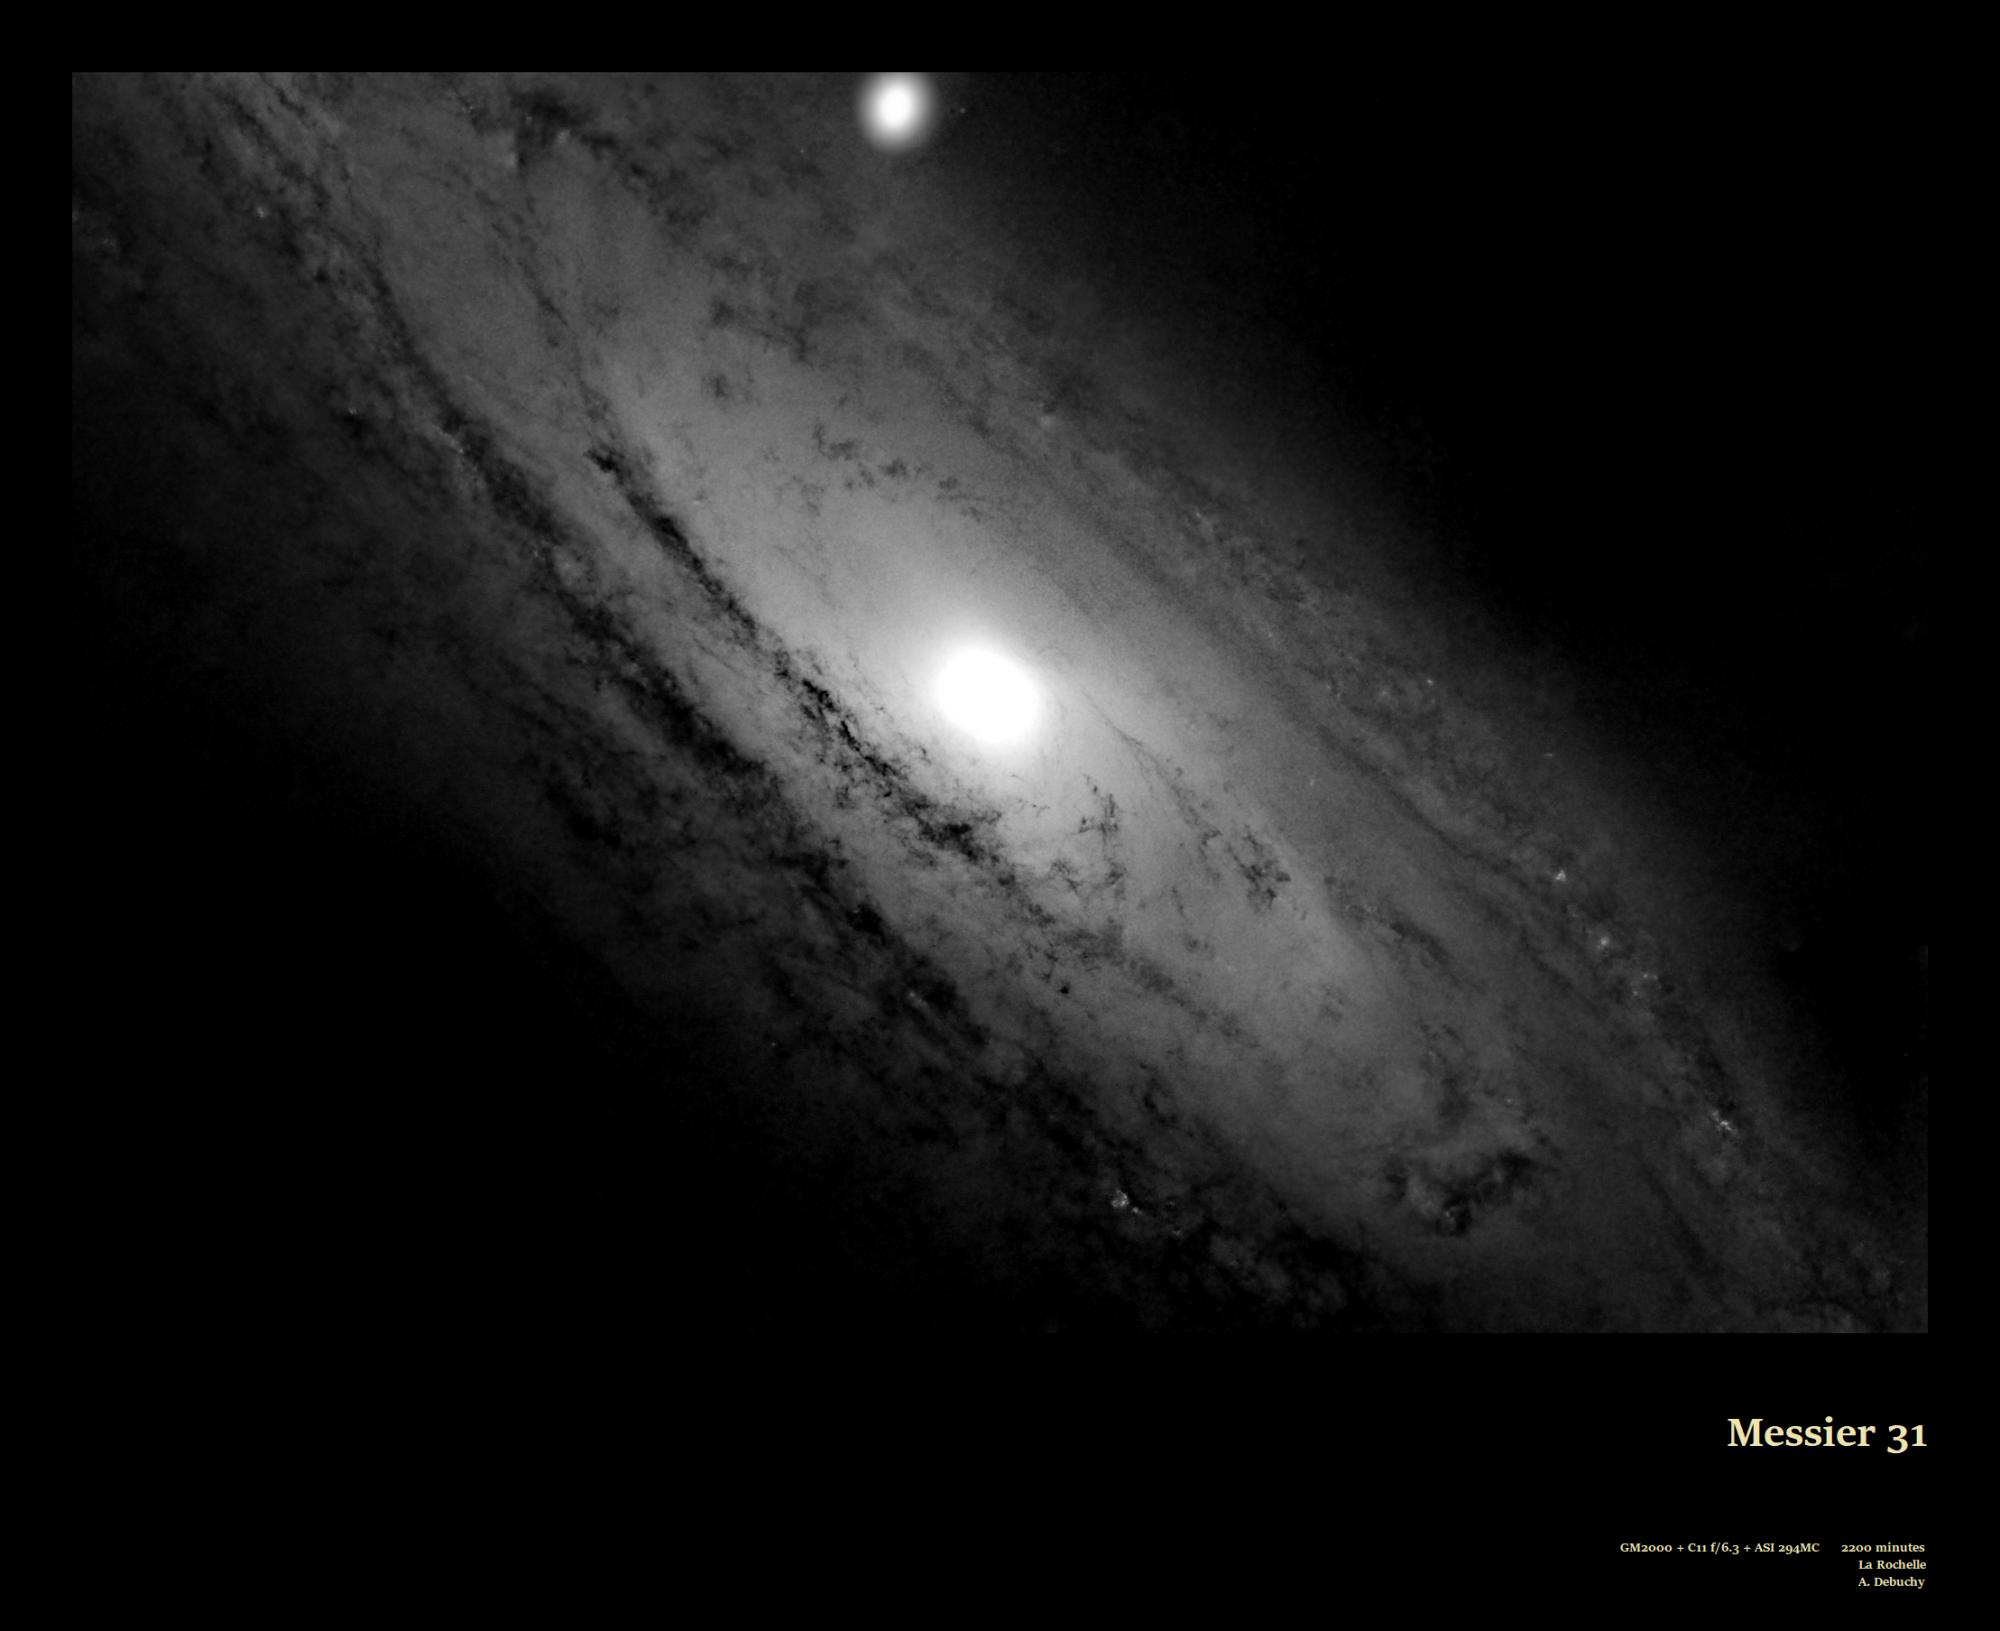 5fff858923f6a_Messier31Octobre2020.thumb.png.b793b644546169822af23f2f0adb6019.png